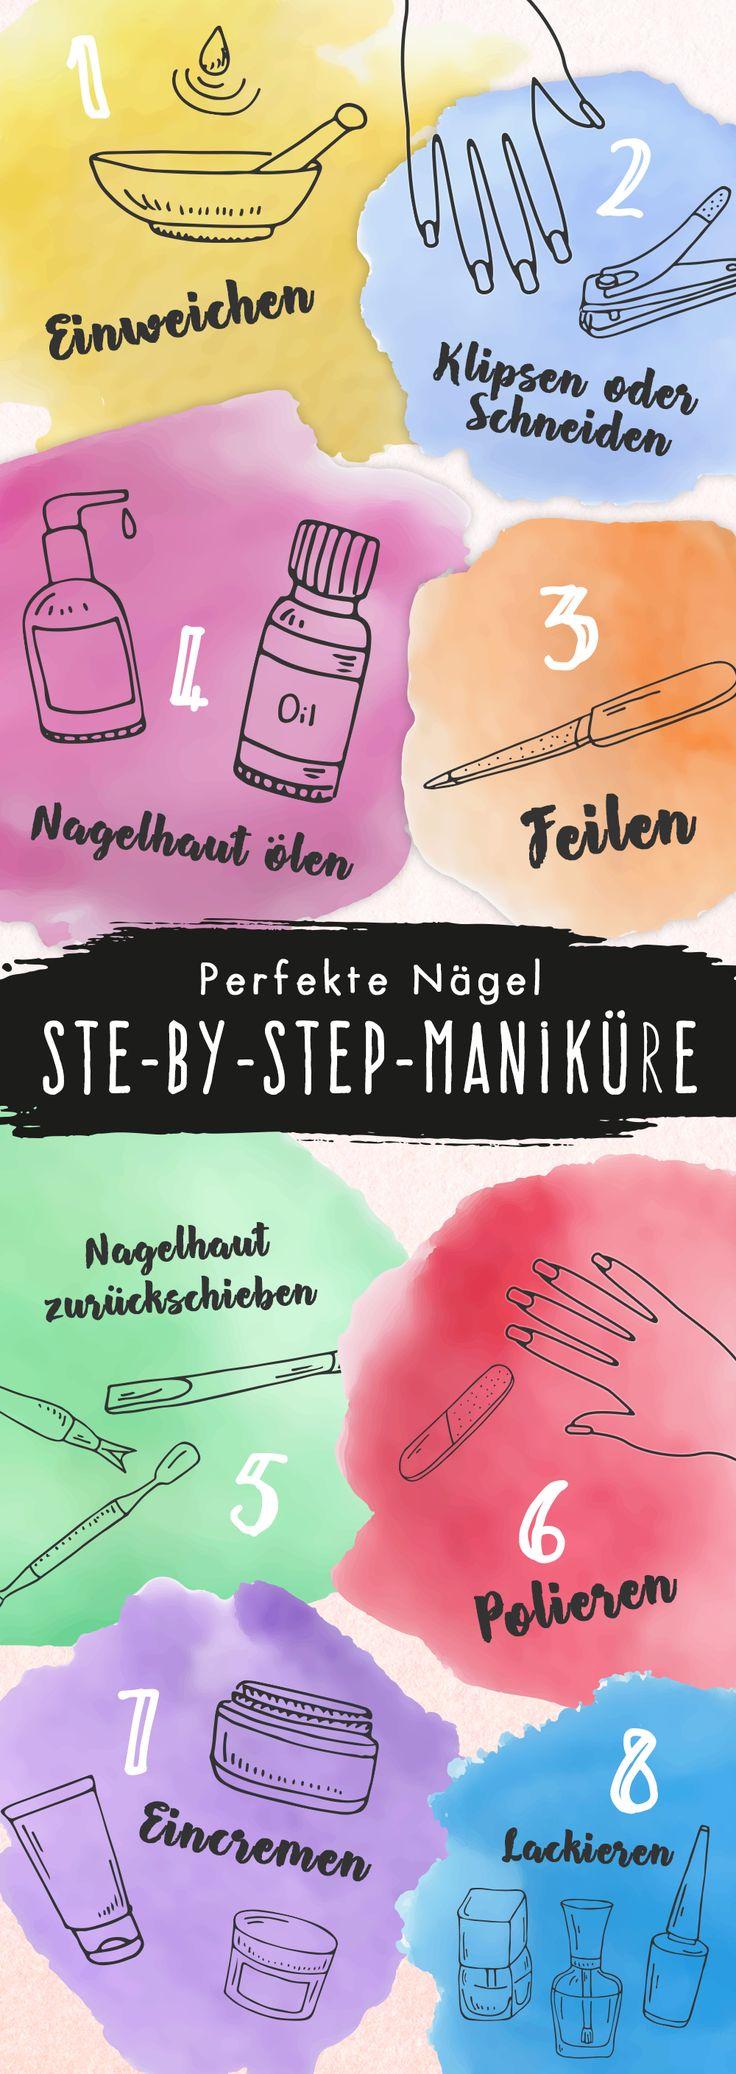 Maniküre: So funktioniert es! Die Schritt-für-Schritt-Anleitung – Sleepover-Party